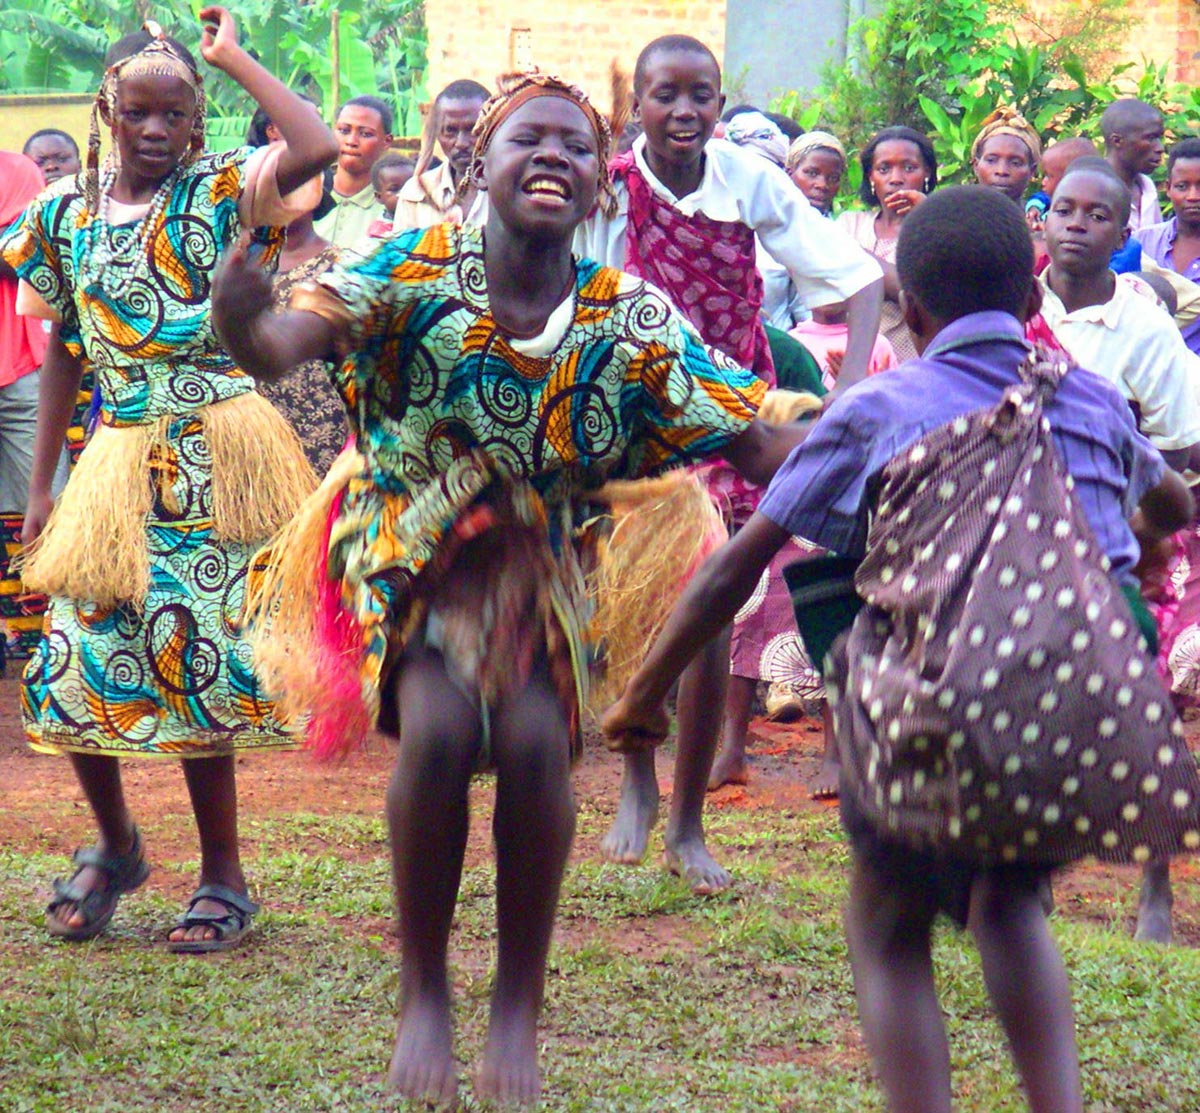 Bantu Dancing